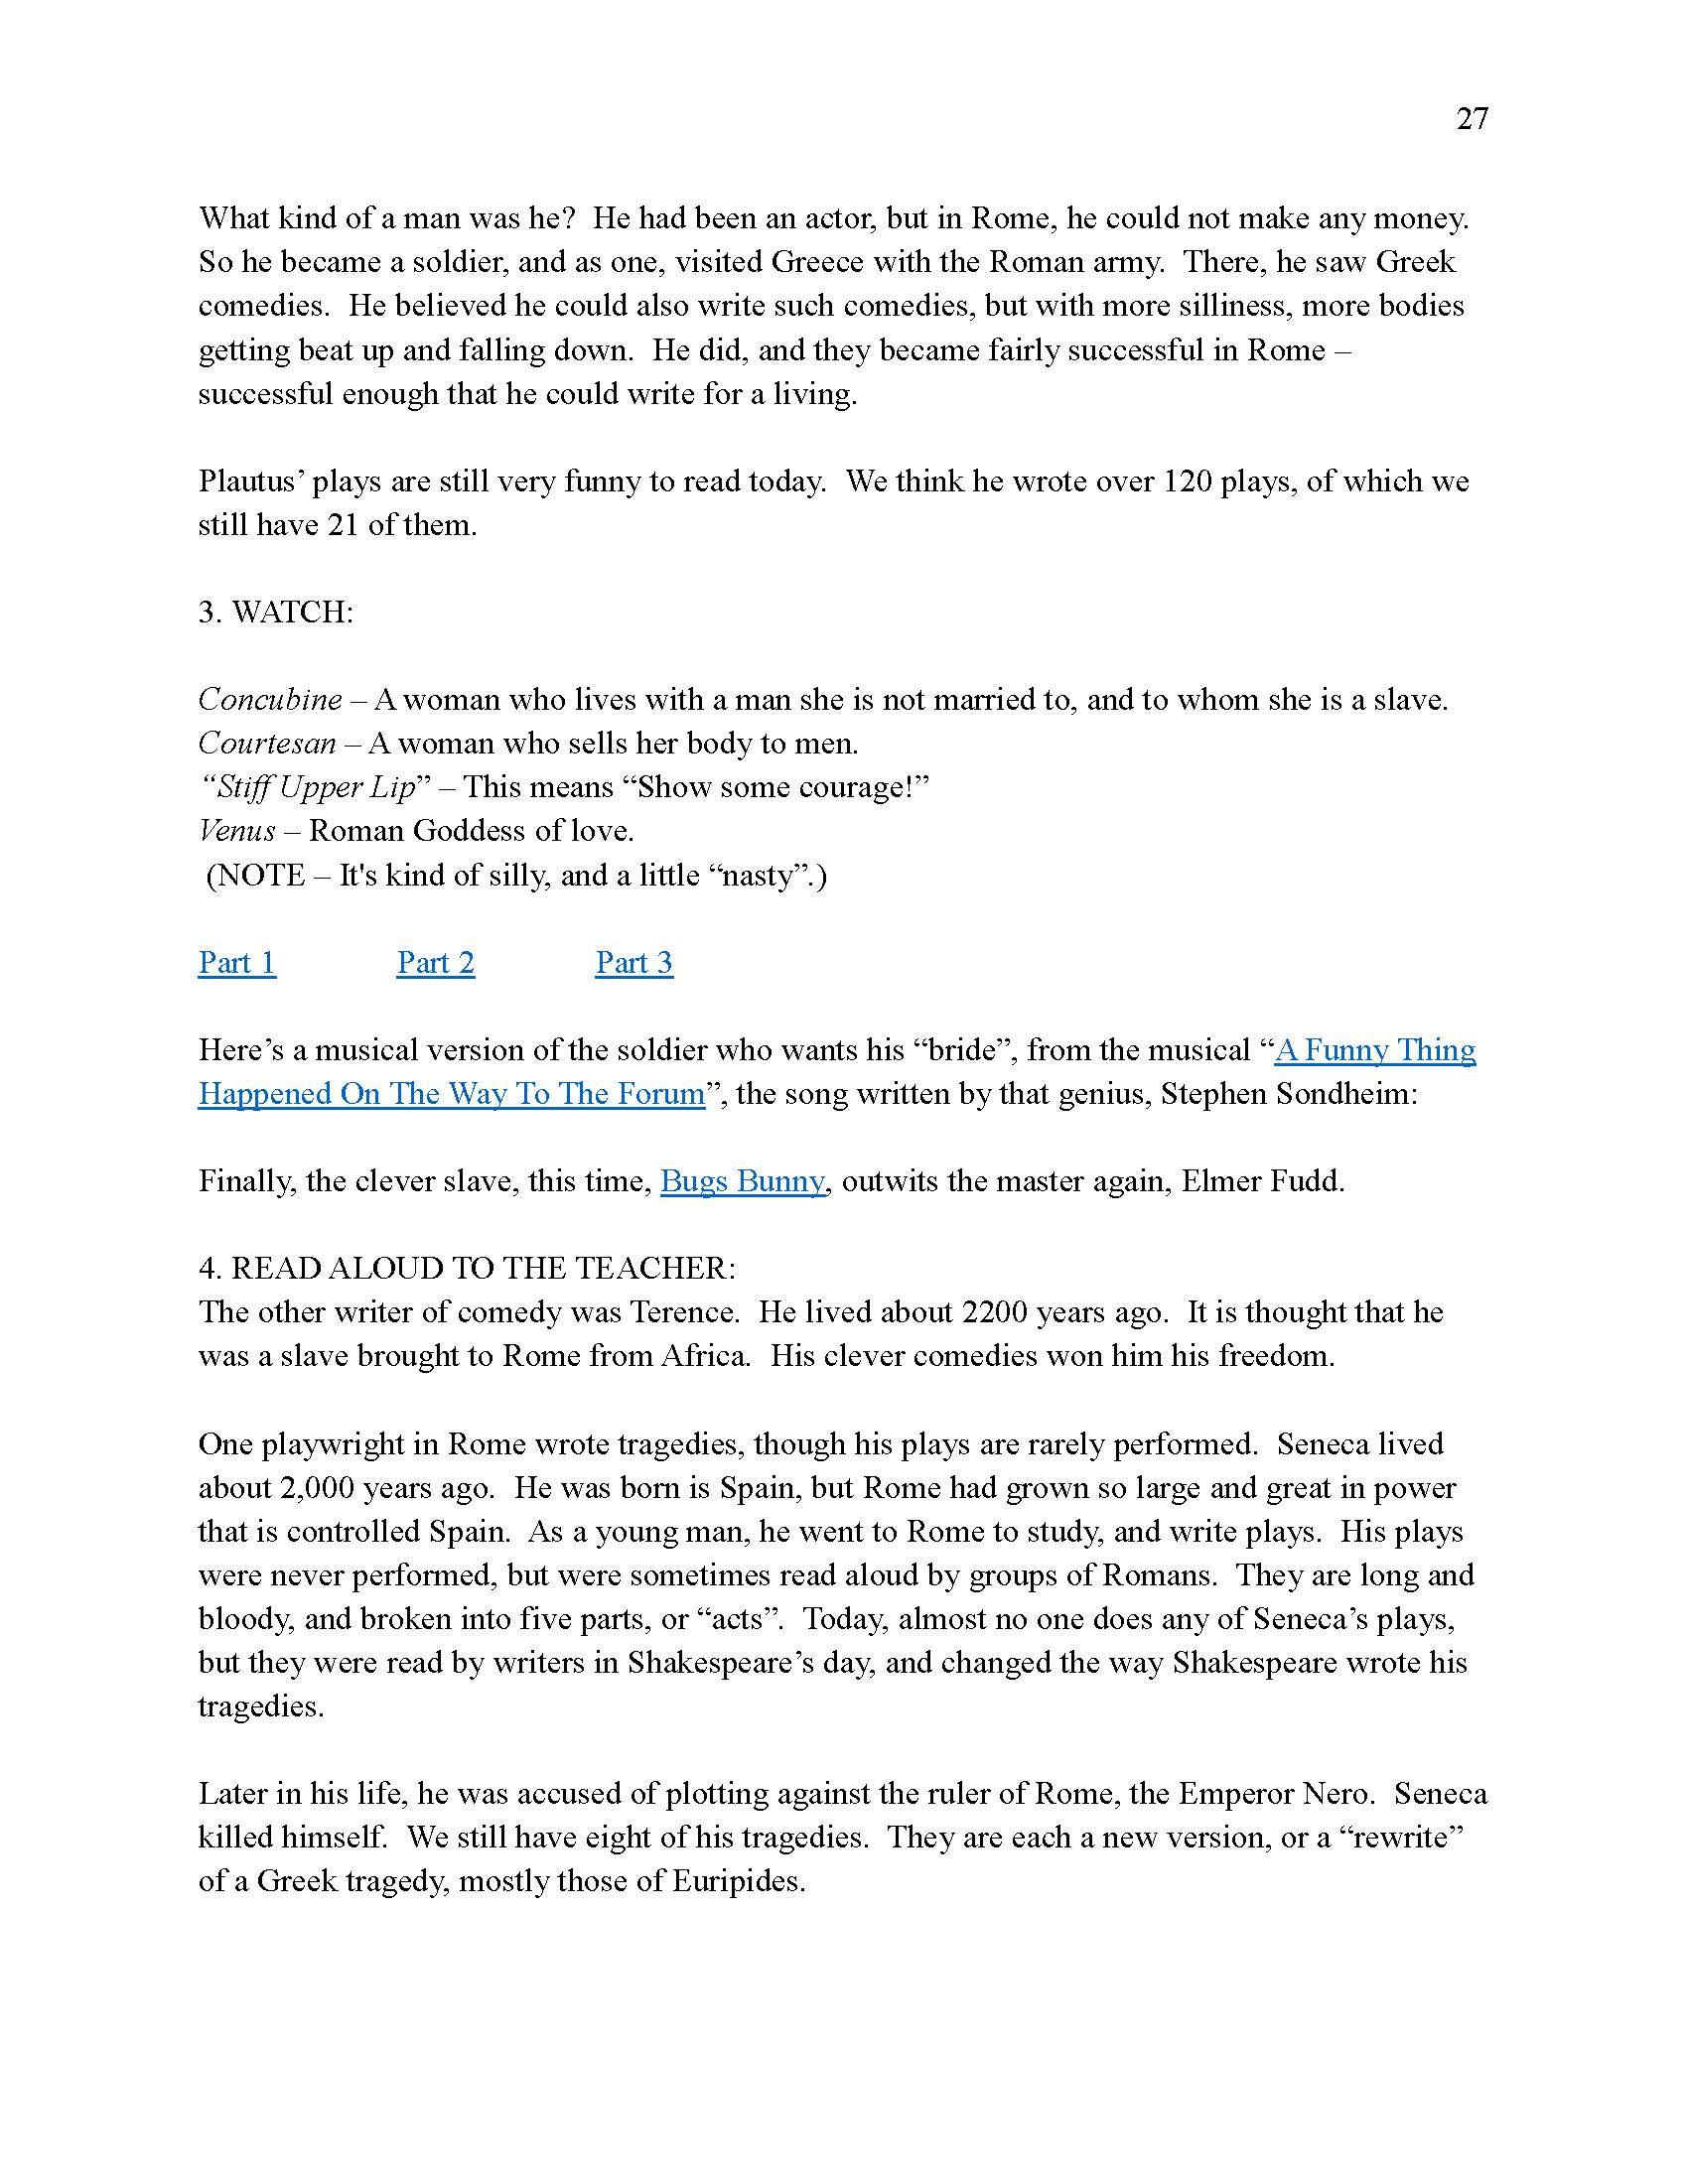 Step 2 History 12 Writers & Poets_Page_028.jpg